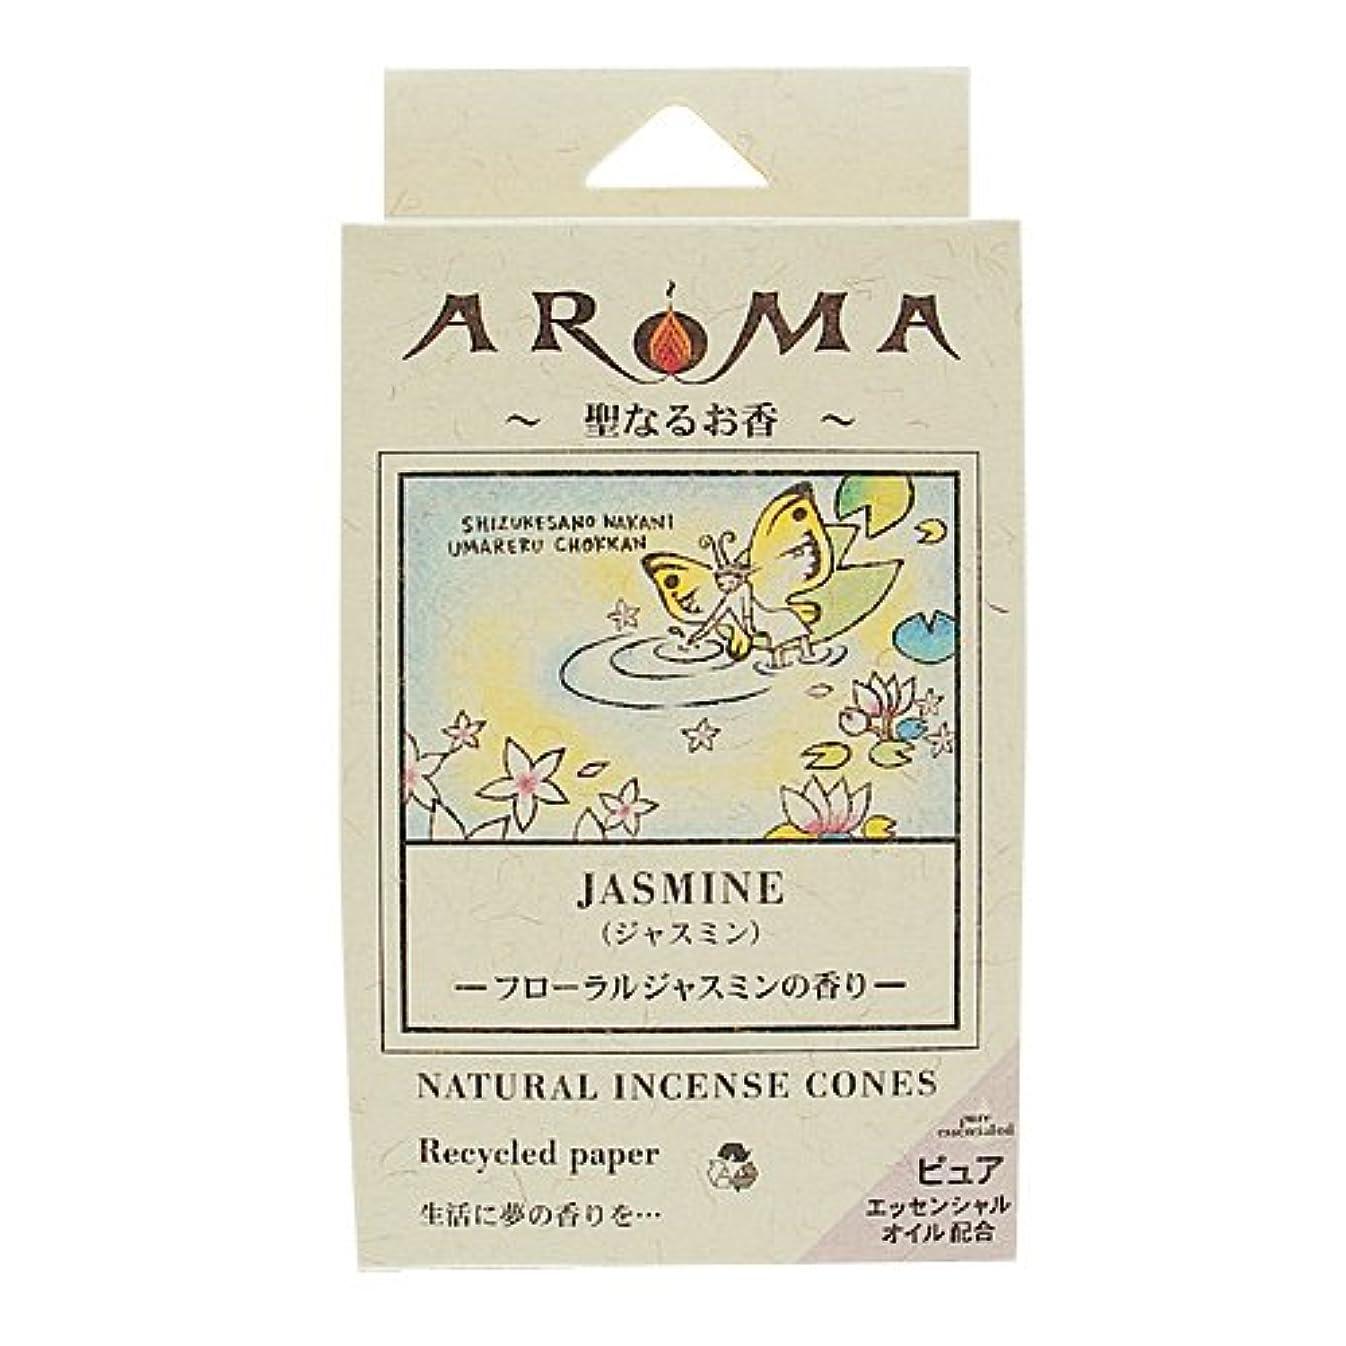 にぎやか全体振動させるアロマ香 ジャスミン 16粒(コーンタイプインセンス 1粒の燃焼時間約20分 フローラルジャスミンの香り)